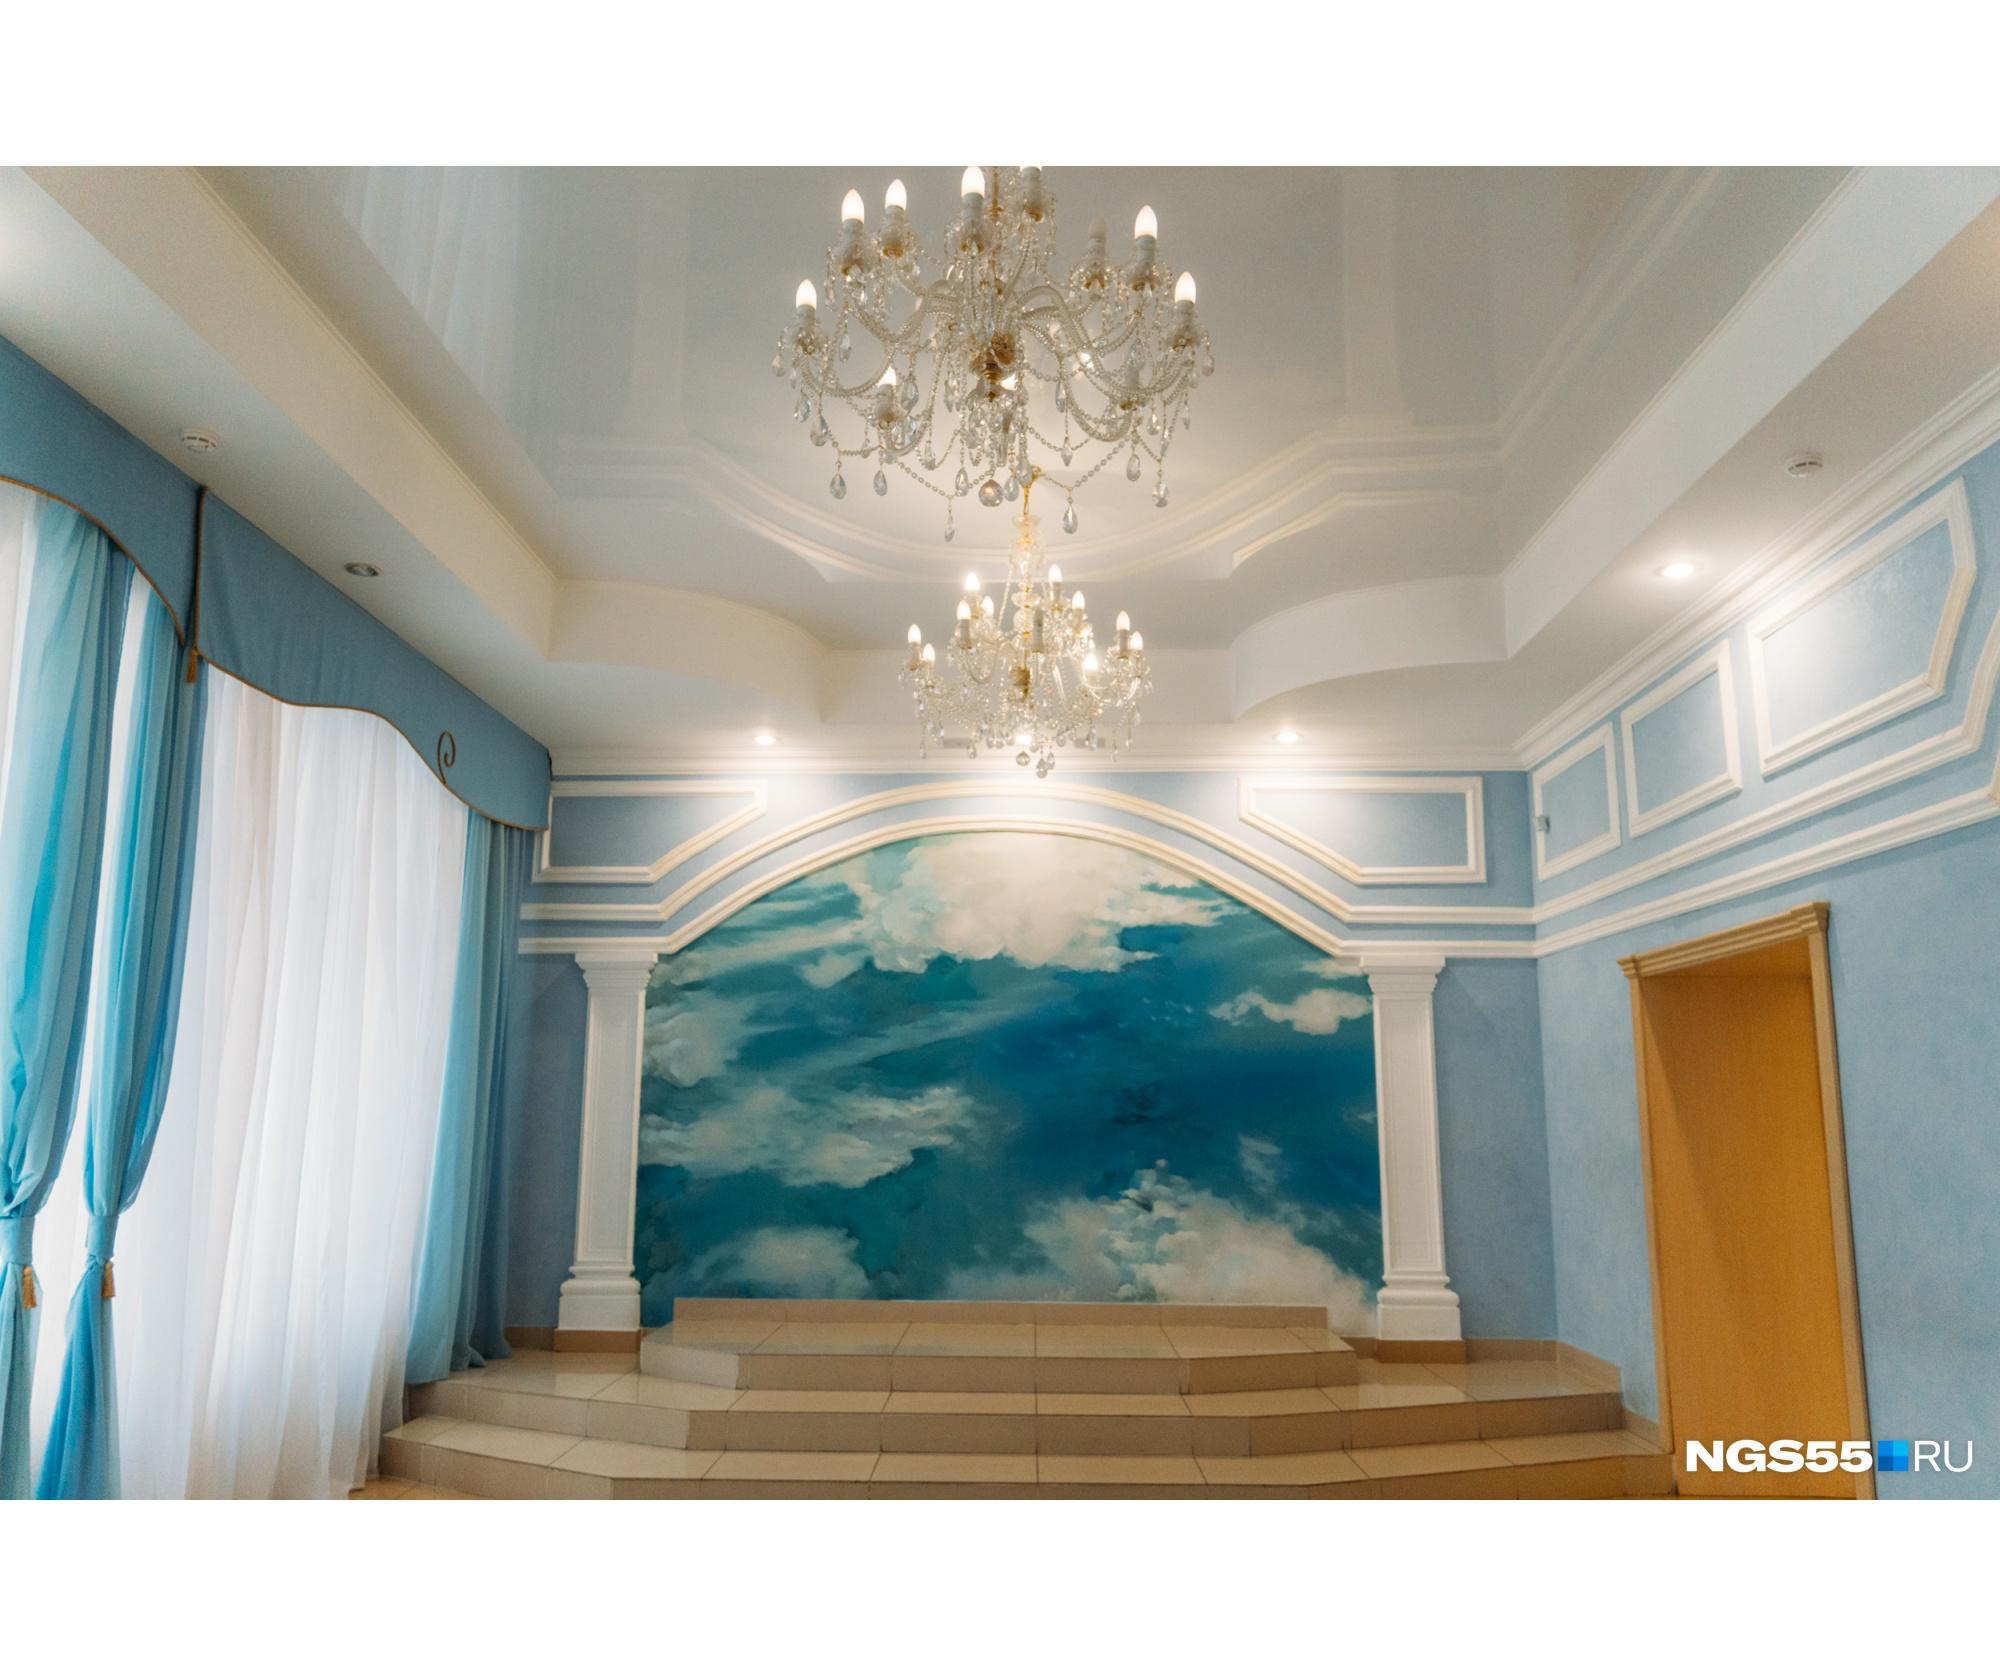 Это помещение оформили, как фотосалон. Из-за росписи стен на снимках молодожёны и их гости словно парят в облаках